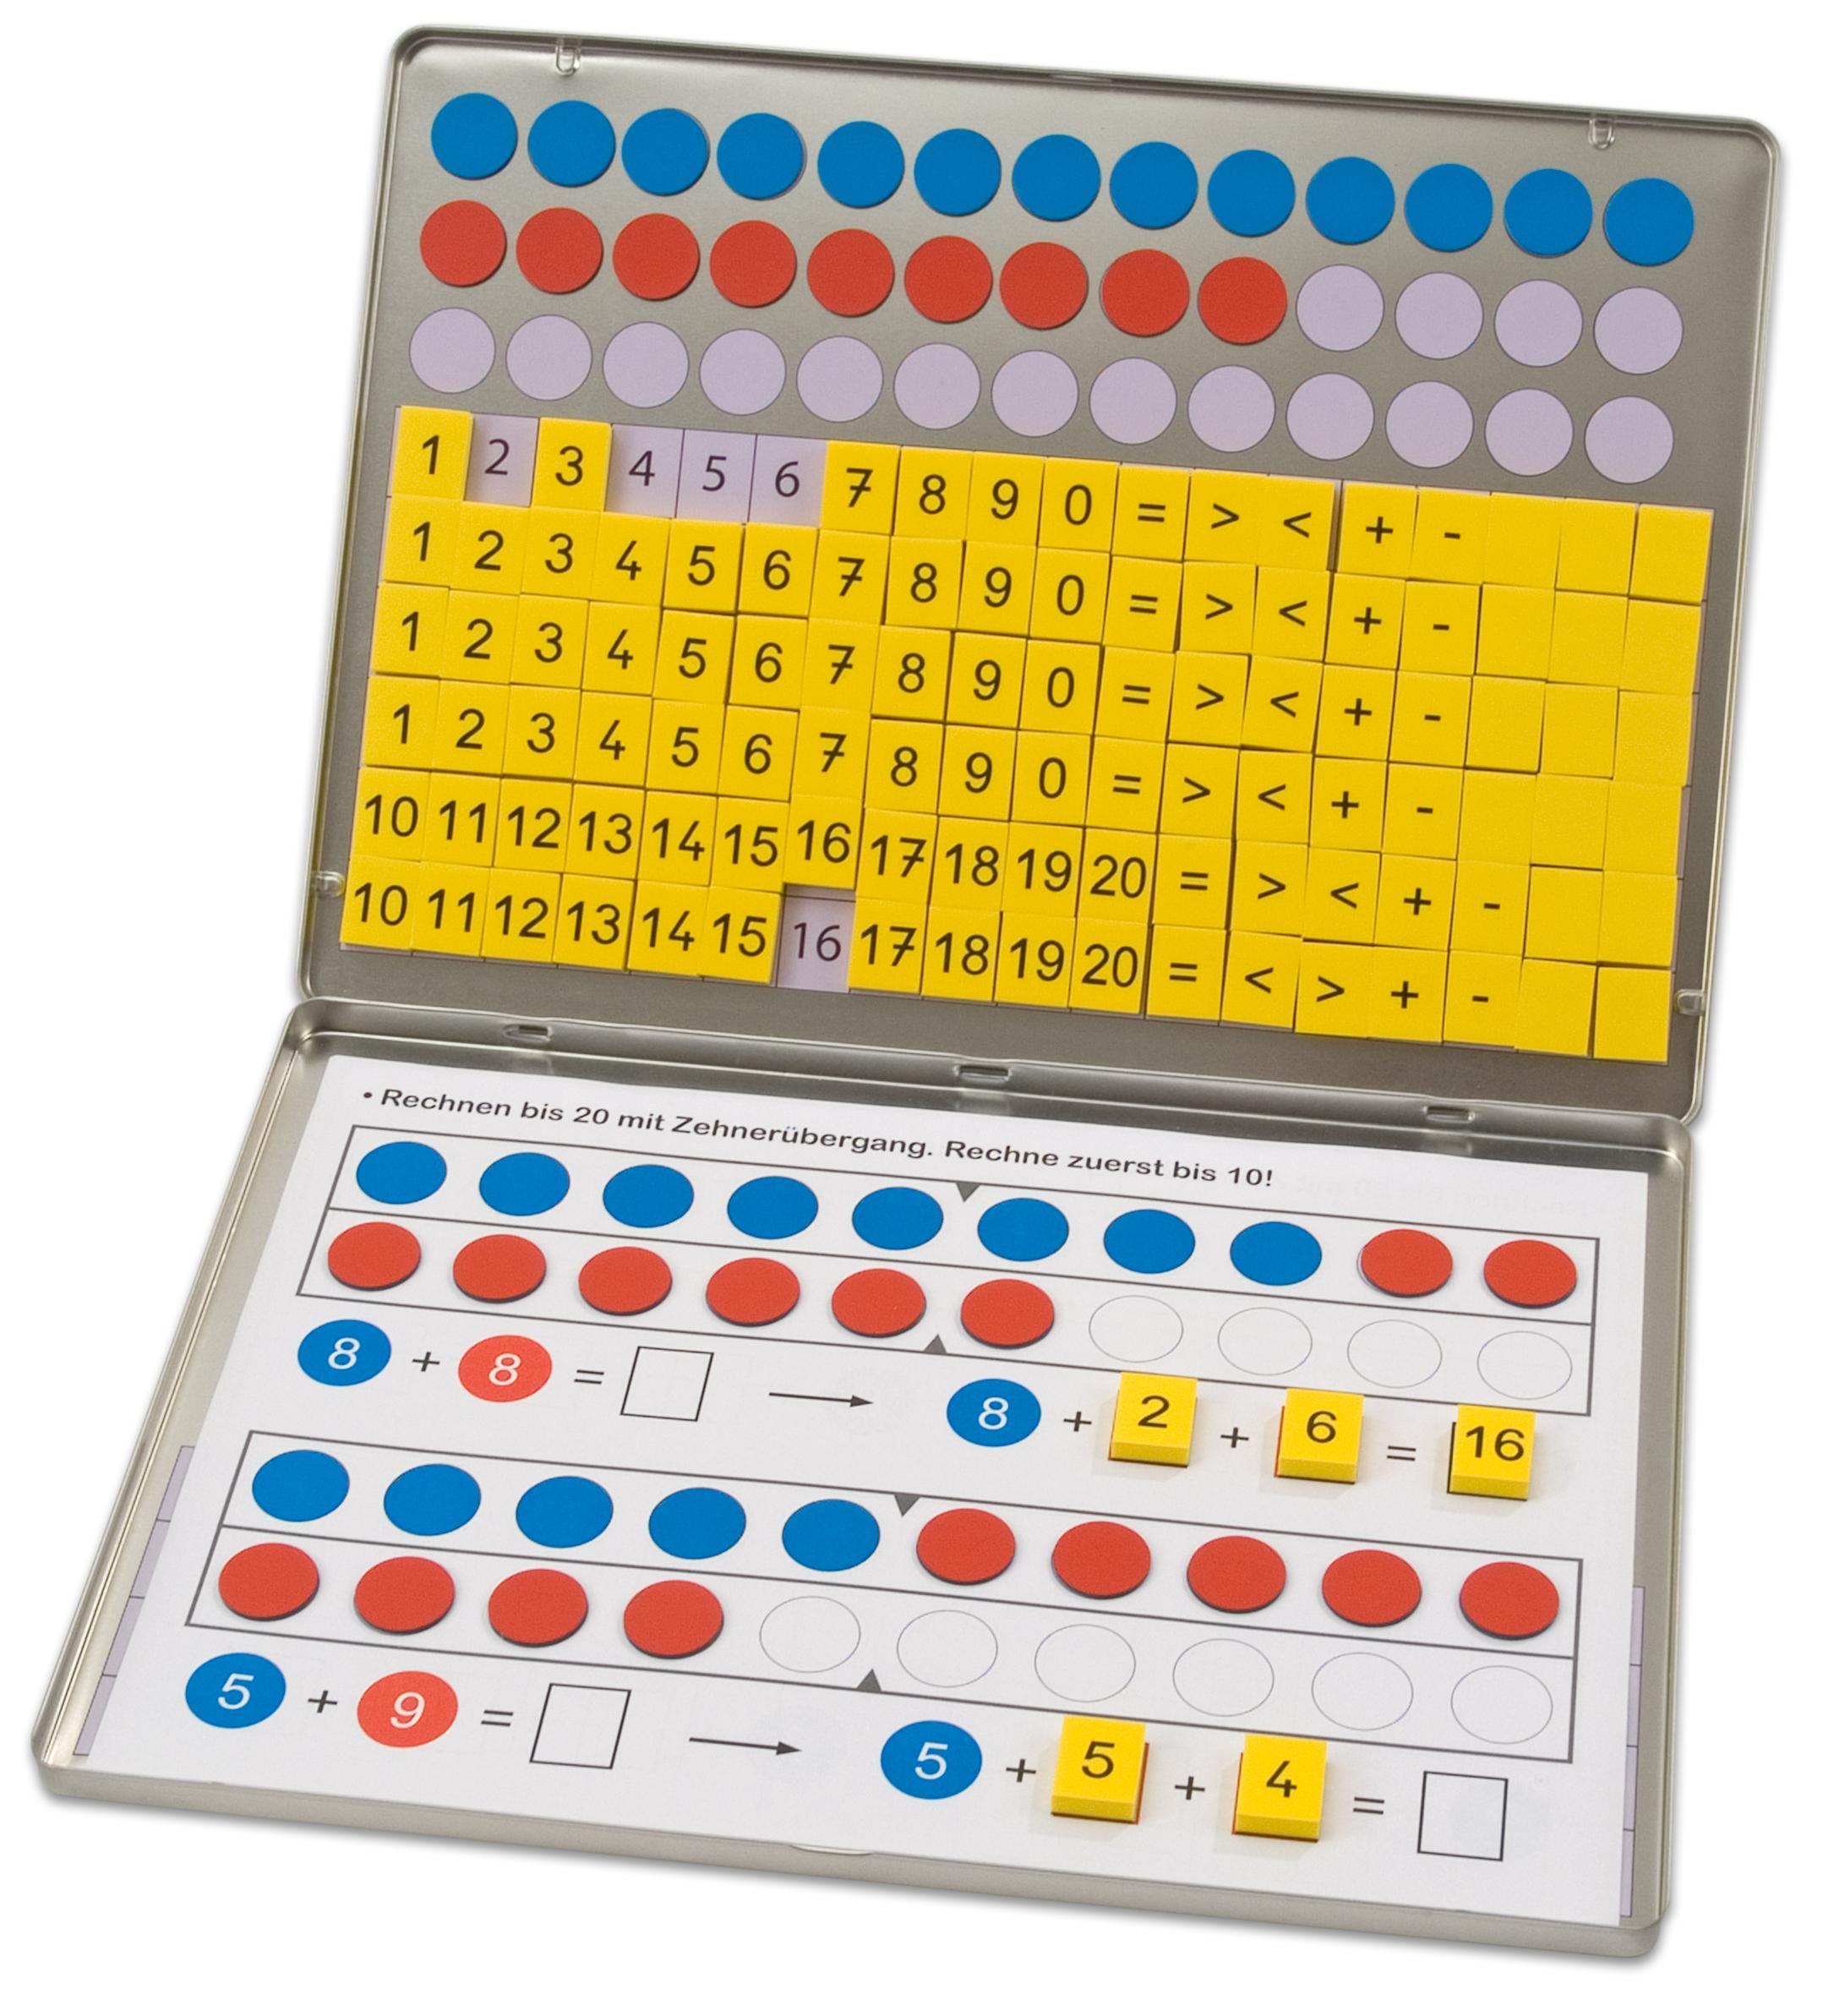 Betzold Rechenmagnetbox mit 30 Arbeitsblätter Mathematik Rechnen ...